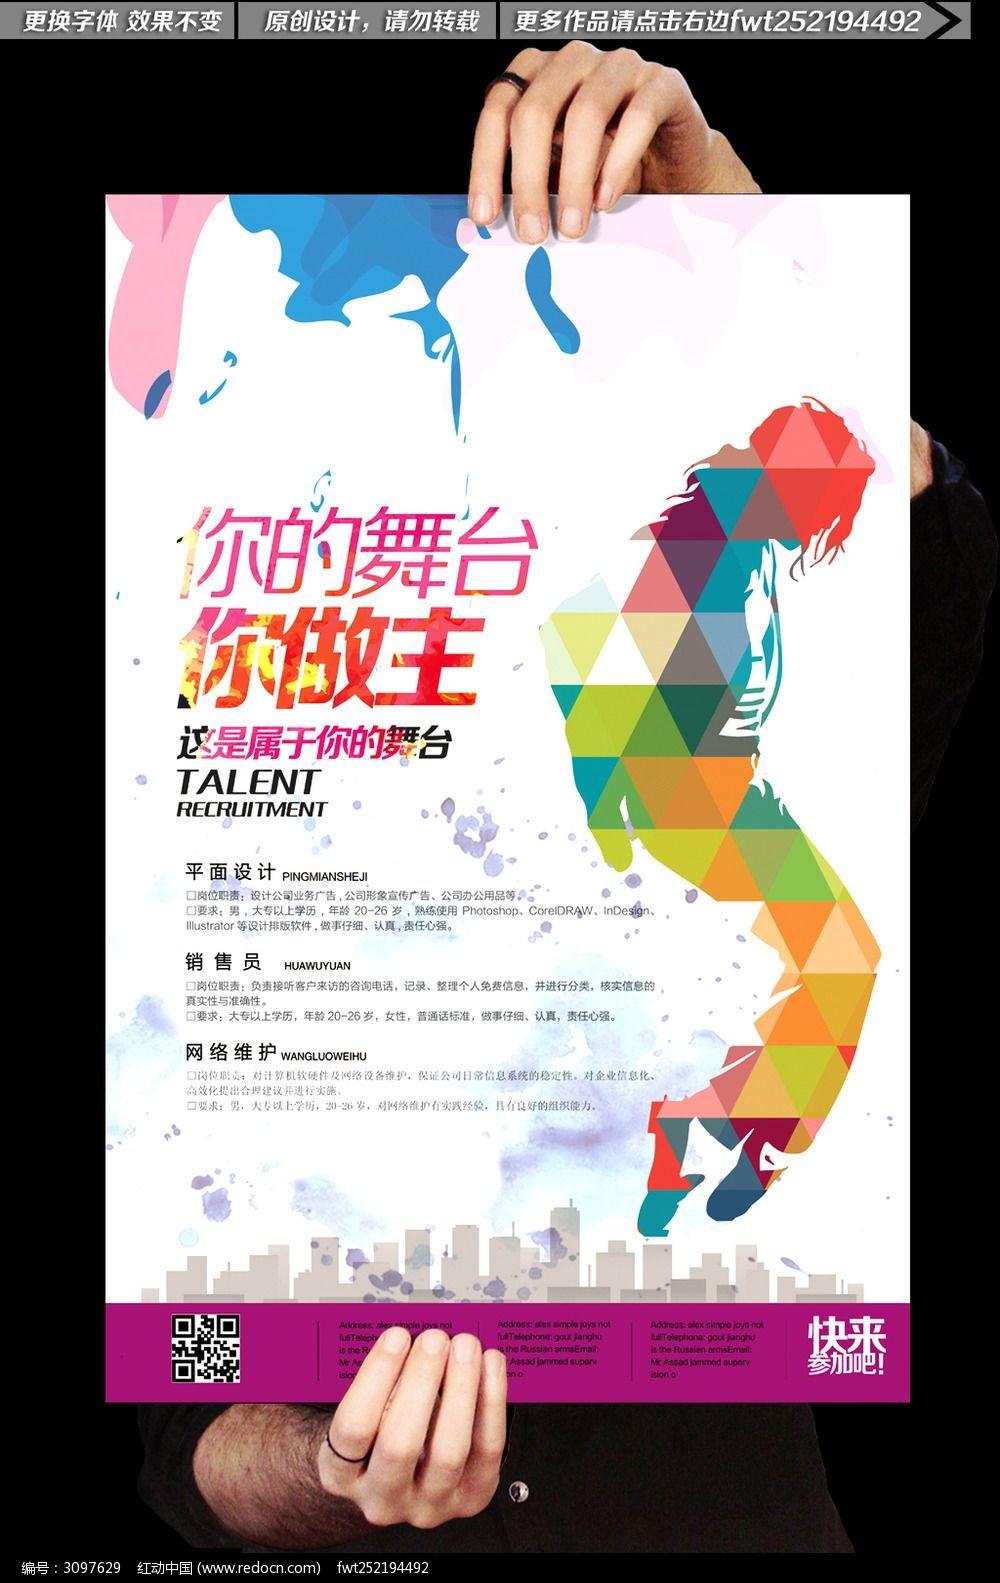 原创设计稿 海报设计/宣传单/广告牌 海报设计 青年舞蹈大赛宣传海报